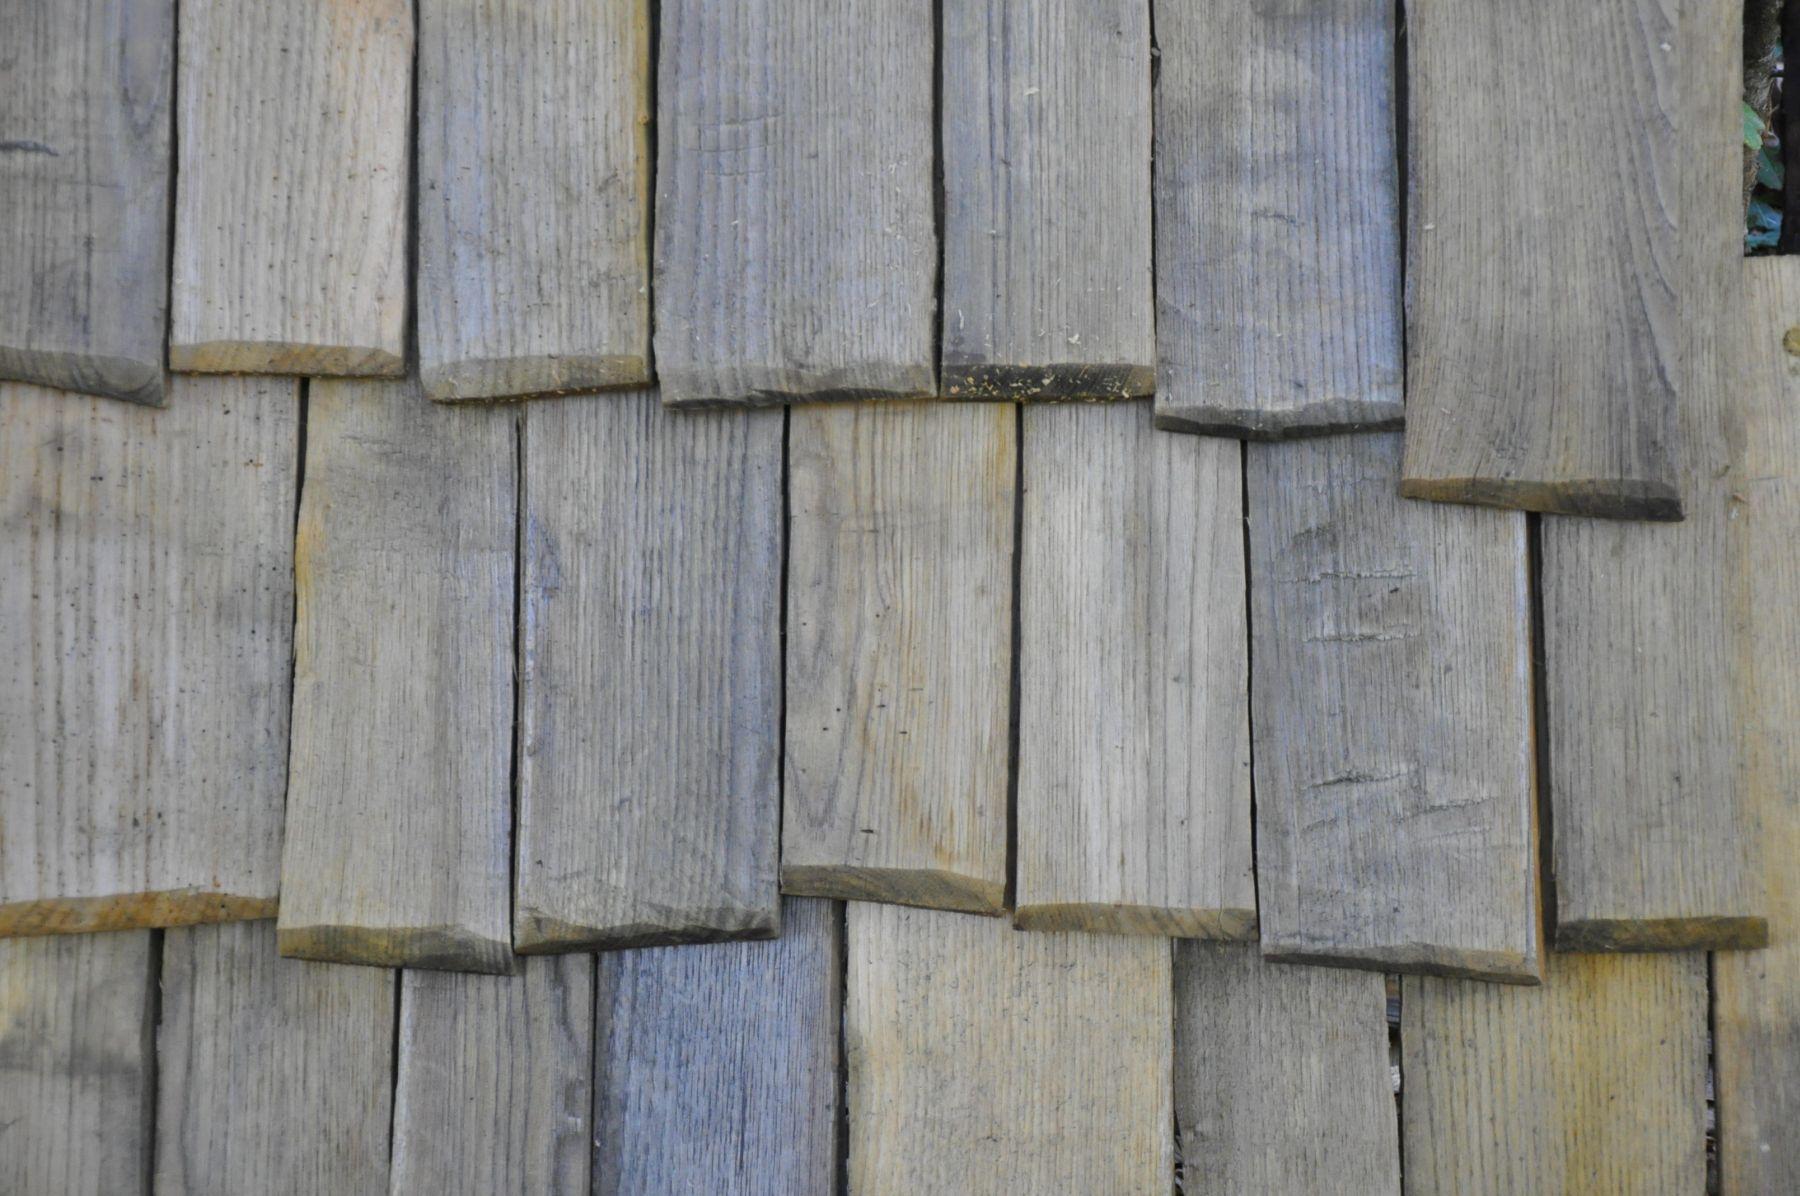 Randa Ardesca Archéosite d'Ardèche - Détail de toiture en bardeaux